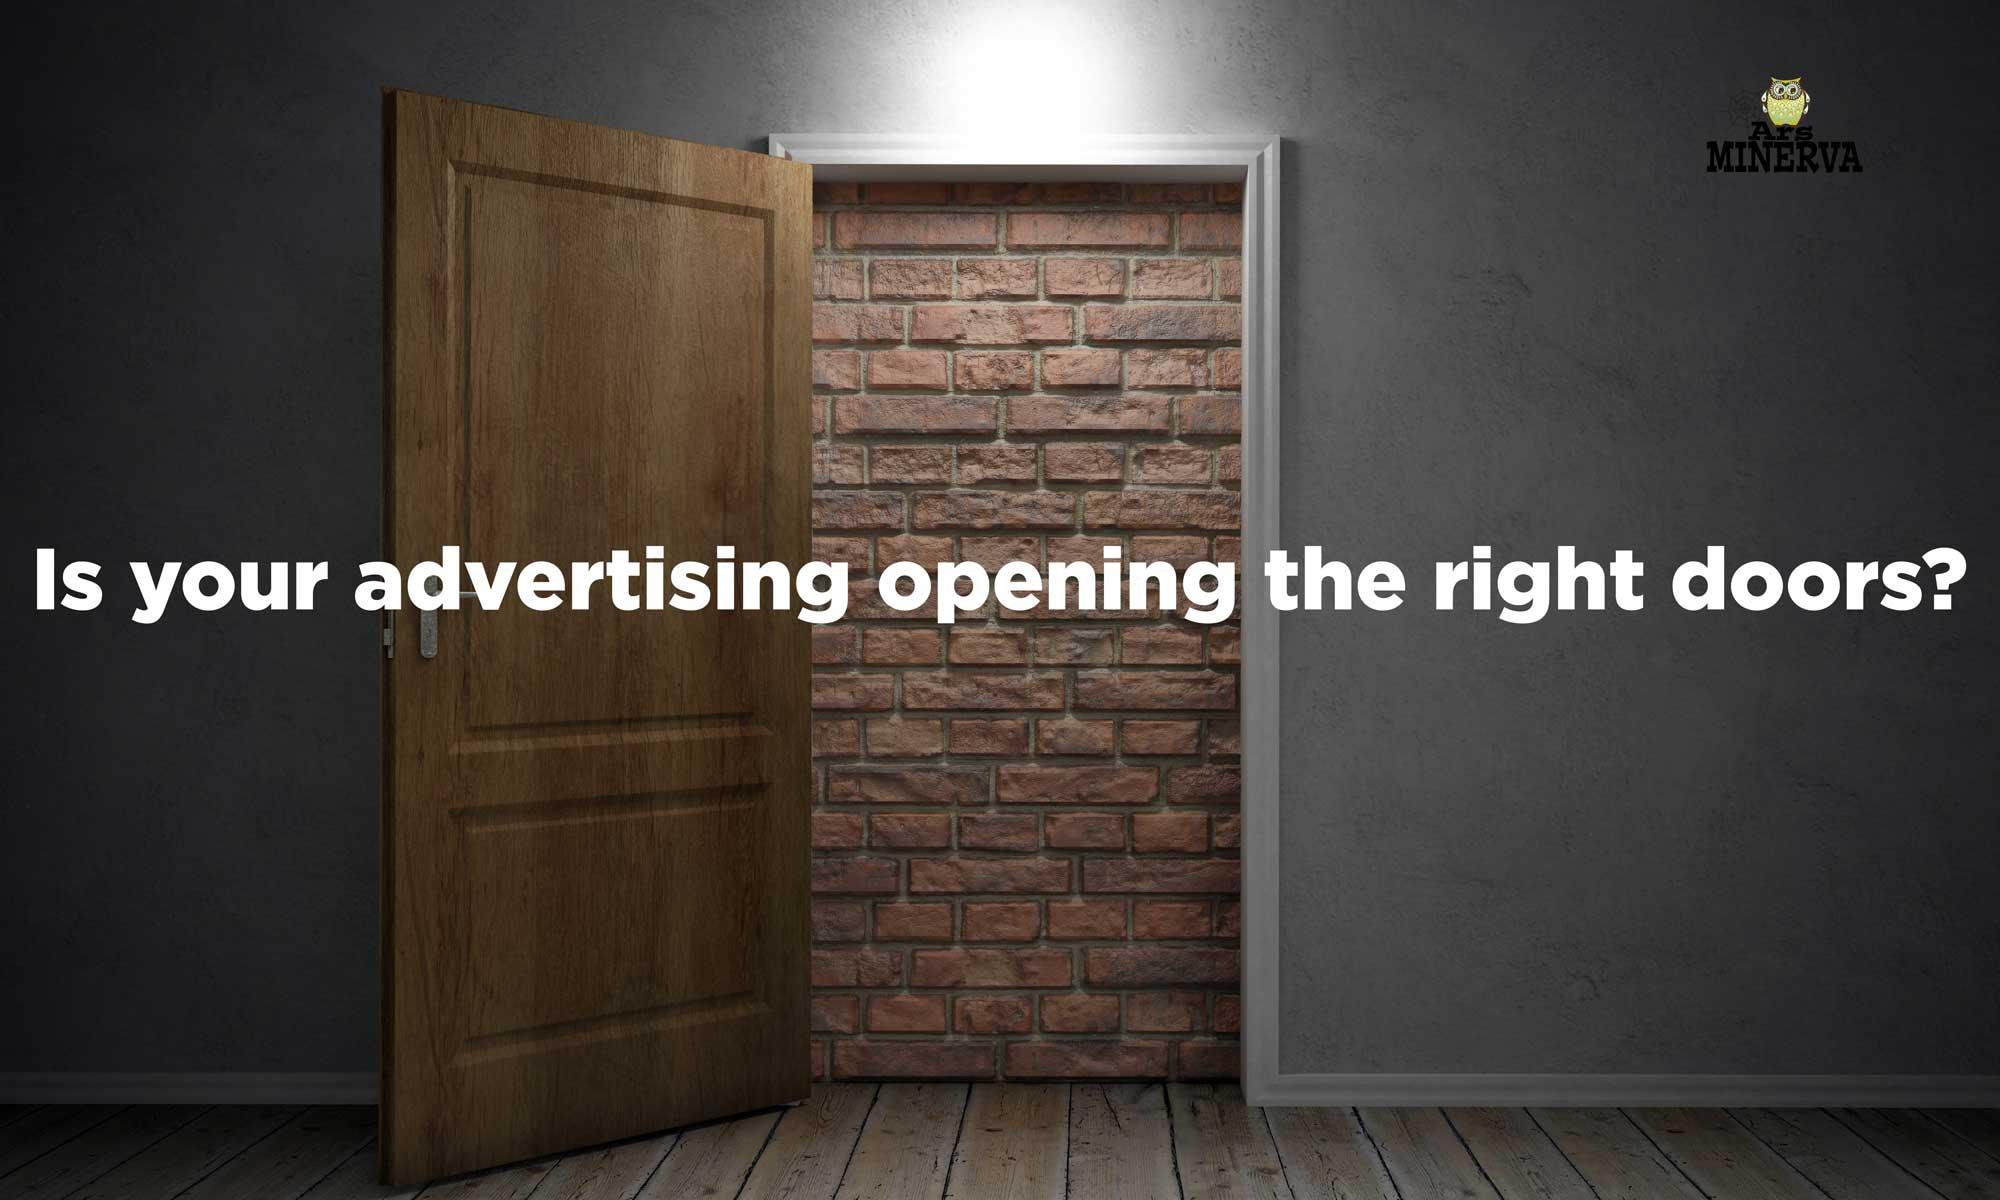 Ars Minerva Digital Agency